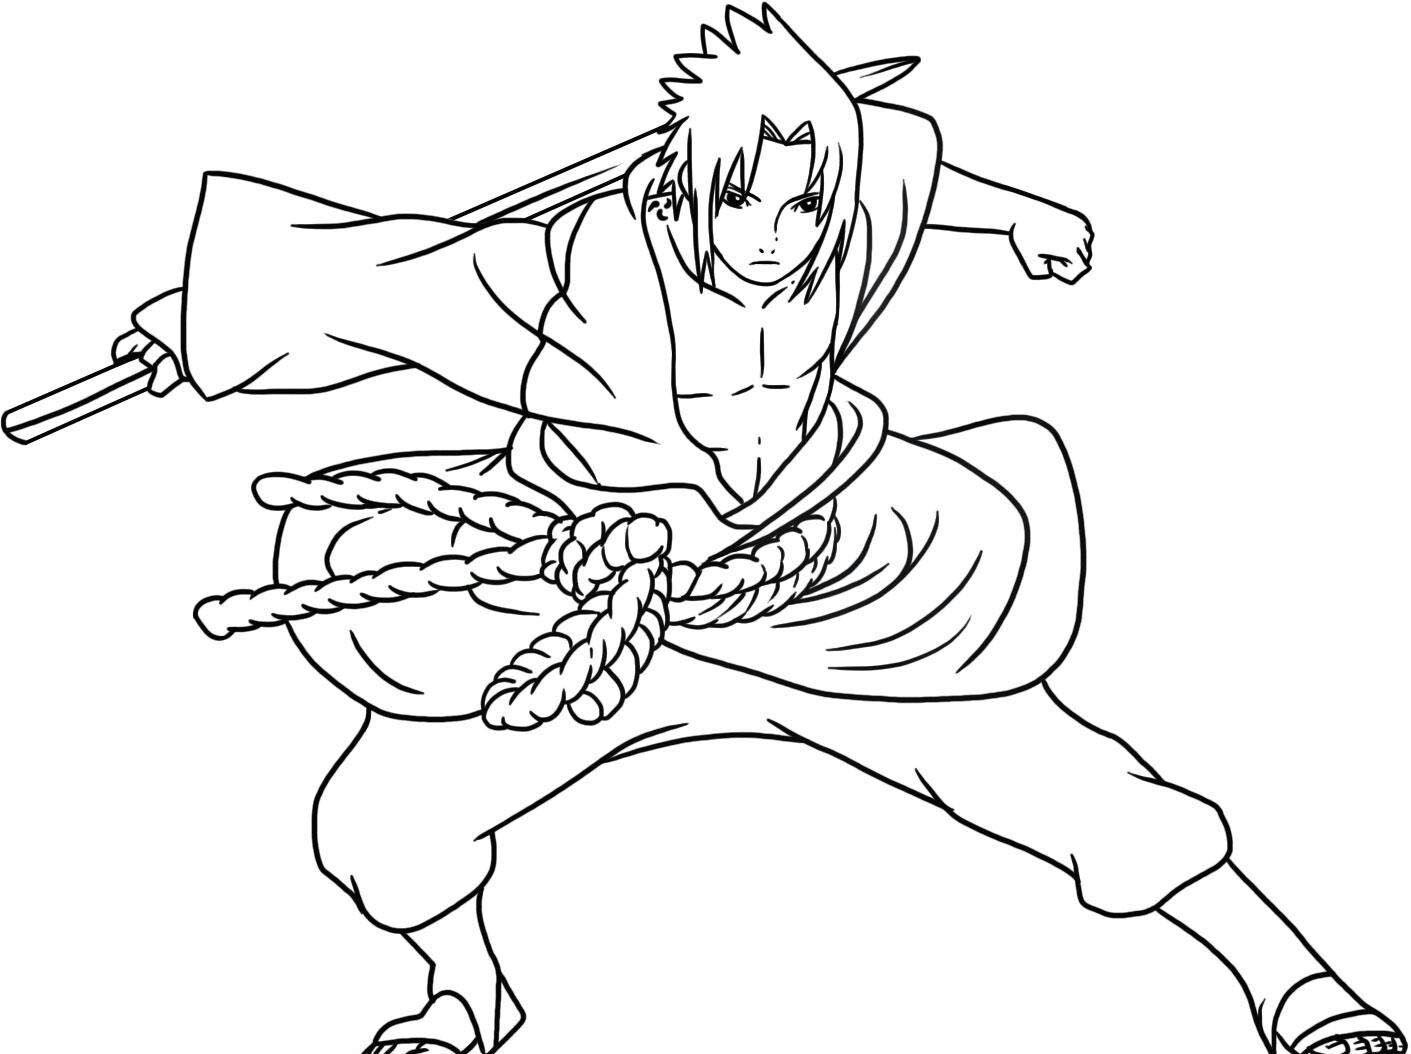 Sasuke Sketsa Halaman Mewarnai Cara Menggambar